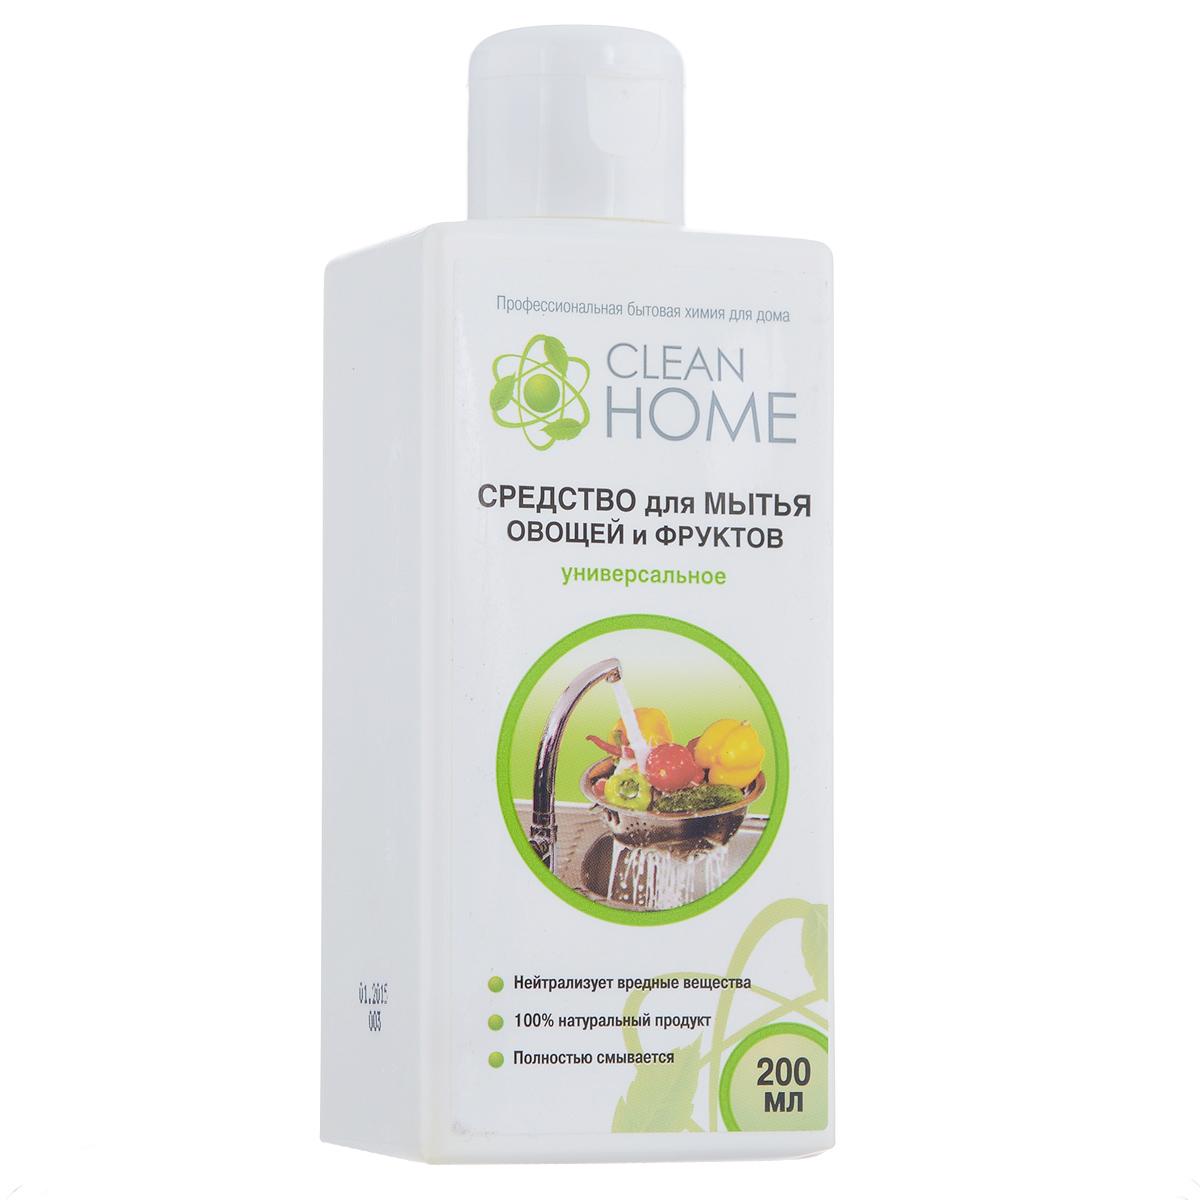 Средство Clean Home, для мытья овощей и фруктов, 200 мл412Антибактериальное средство Clean Home предназначено для мытья фруктов и овощей, для безопасного обеззараживания плодов. Эффективно удаляет и смывает с поверхности фруктов и овощей вредные пестициды, гербициды, инсектициды, следы парафина и воска. Гель эффективно растворяется как в горячей, так и холодной воде. Полностью безопасен и смываем, не содержит ароматизаторов, гипоаллергенный. Линия профессиональной бытовой химии для дома Clean Home представлена гаммой средств для стирки и уборки дома. Clean Home - это весь необходимый ряд высокоэффективных универсальных средств европейского качества.Состав: вода, композиция фруктовых кислот, экстракт ромашки, экстракт мяты, менее 5% НПАВ, функциональные добавки, эфирное масло лимона.Как выбрать качественную бытовую химию, безопасную для природы и людей. Статья OZON Гид